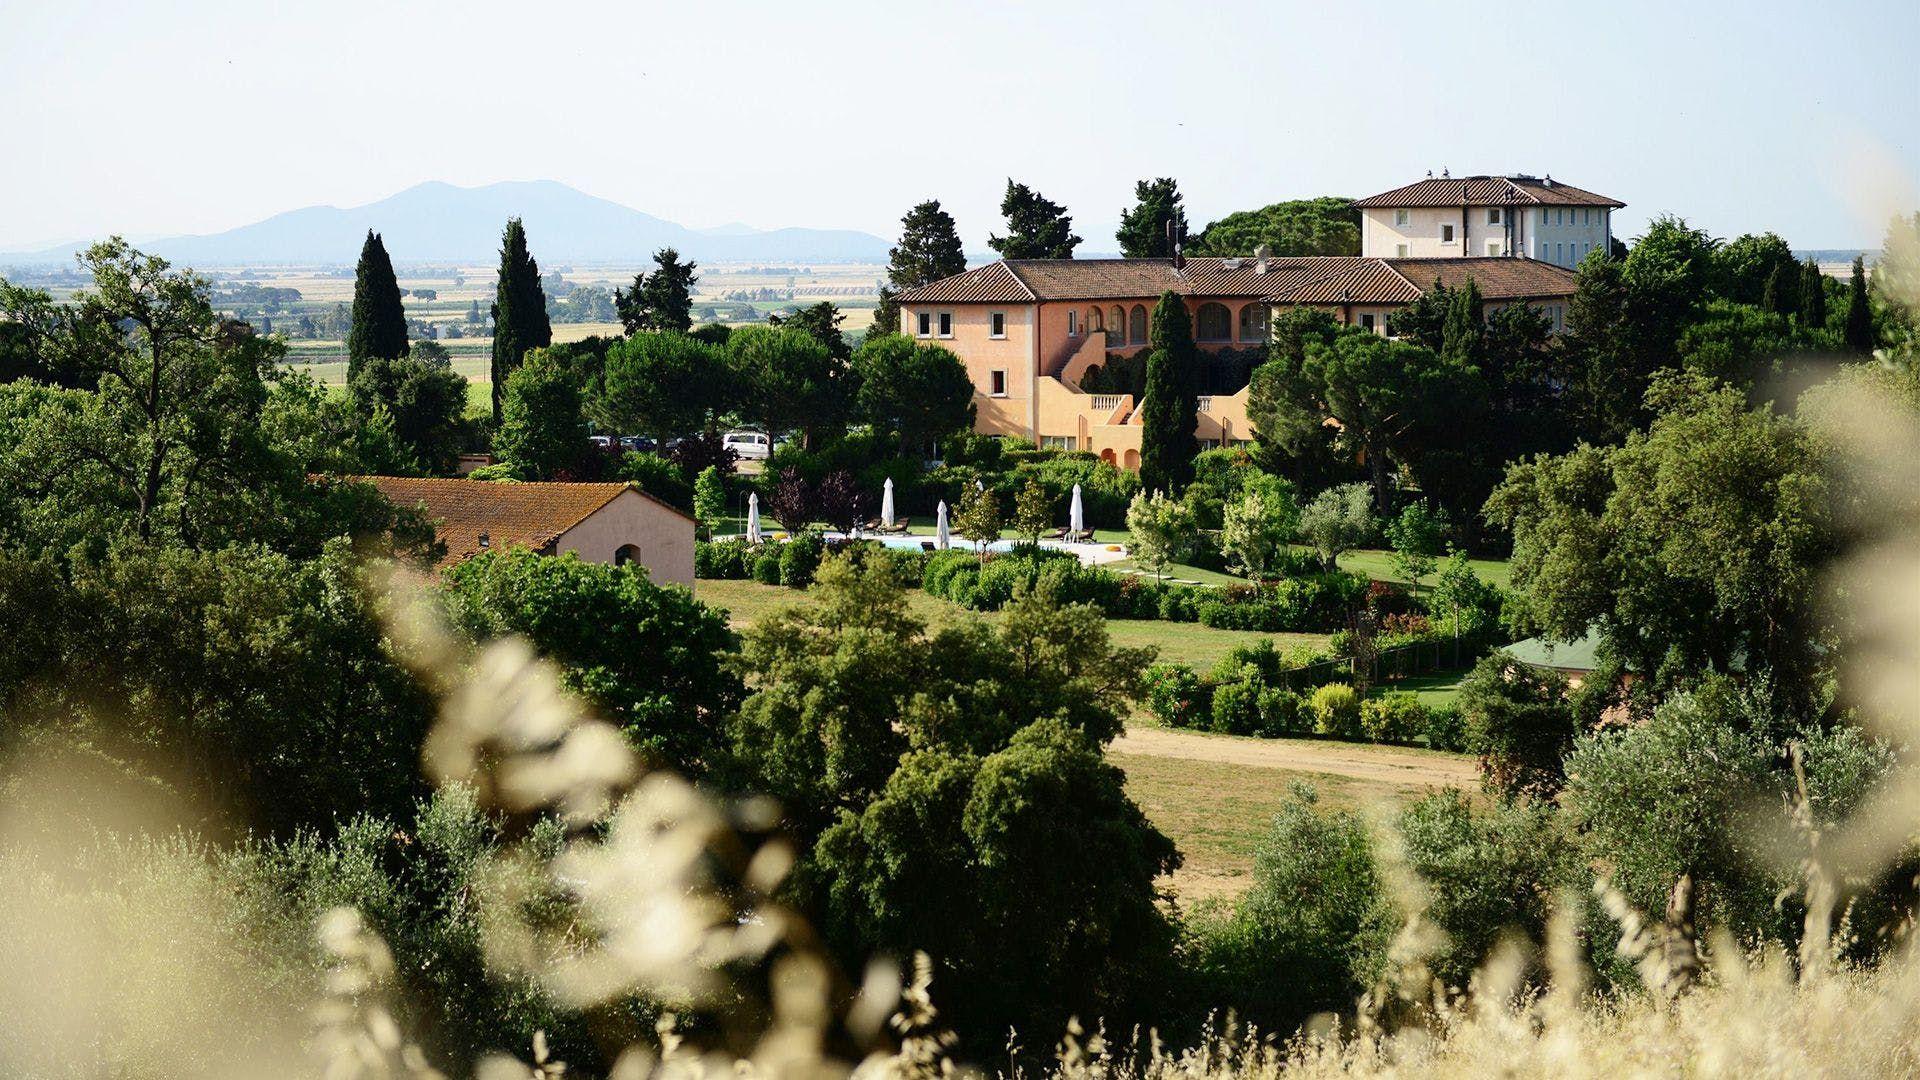 Urlaub In Einem 5 Sterne Hotel In Italien Siglinde Fischer